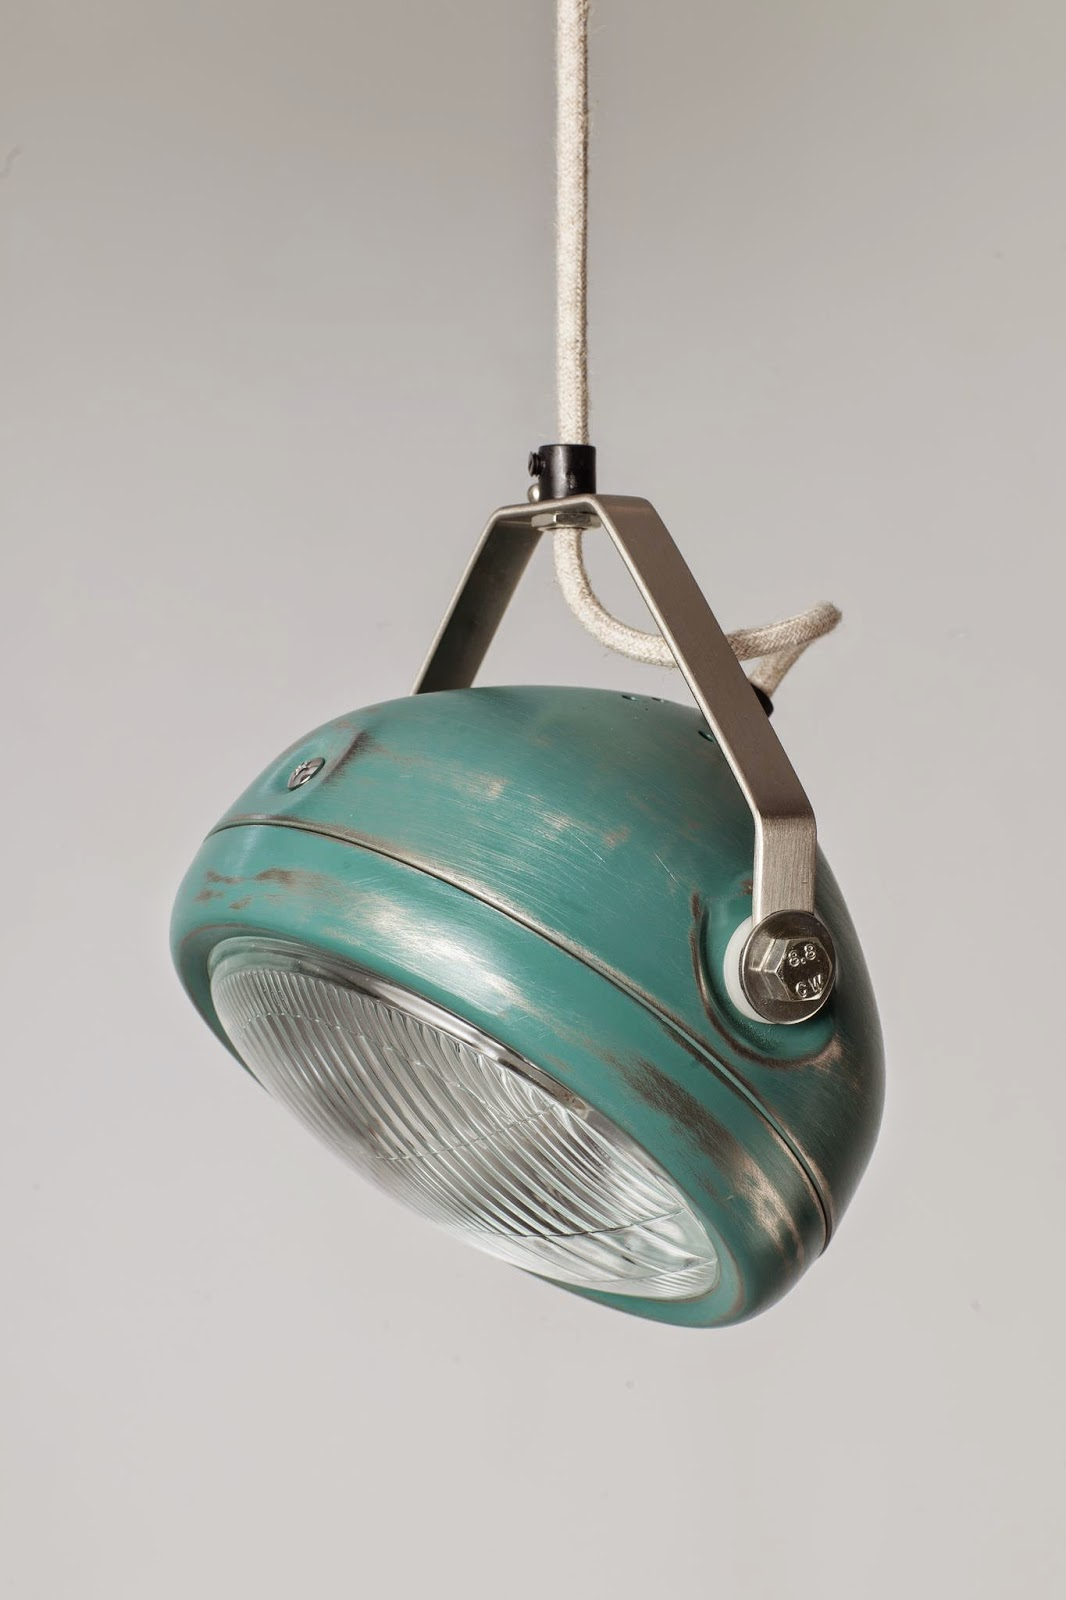 Stoere Hanglamp Keuken : Blog: inspiratie voor interieur & verlichting: De 5 ?must havens